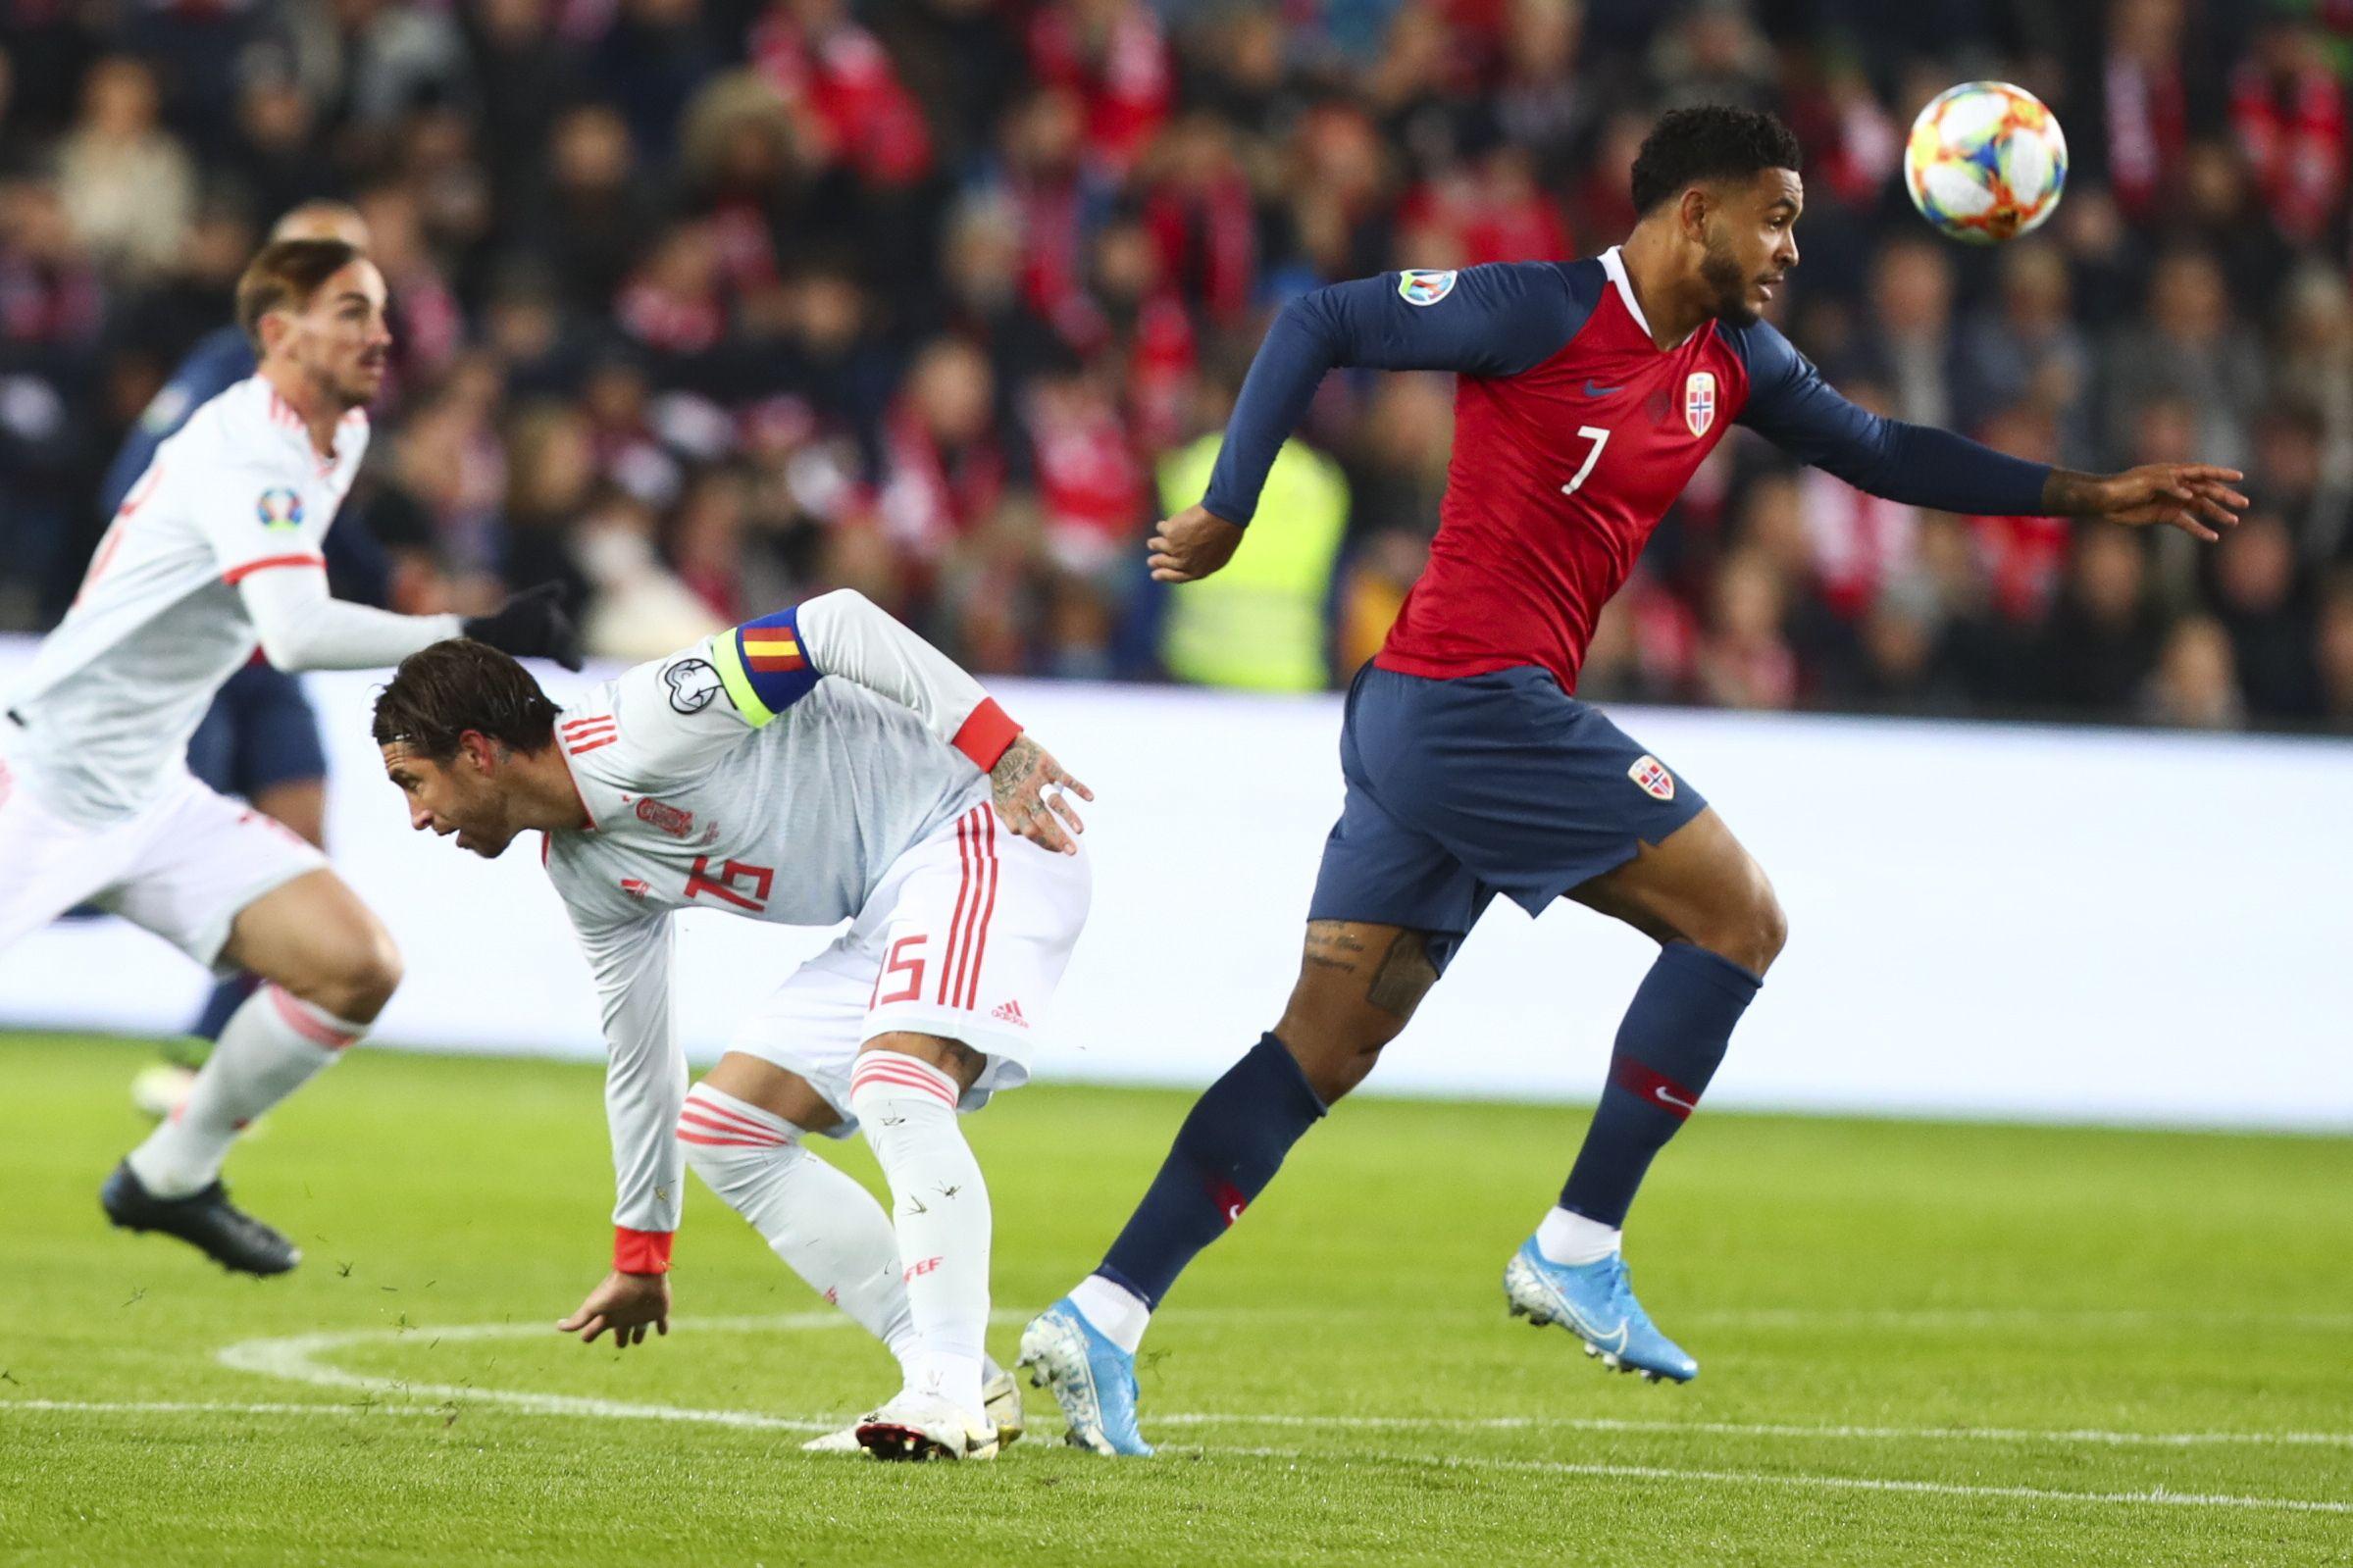 Kualifikasi Piala Eropa 2020: Spanyol Ditahan Norwegia 1-1